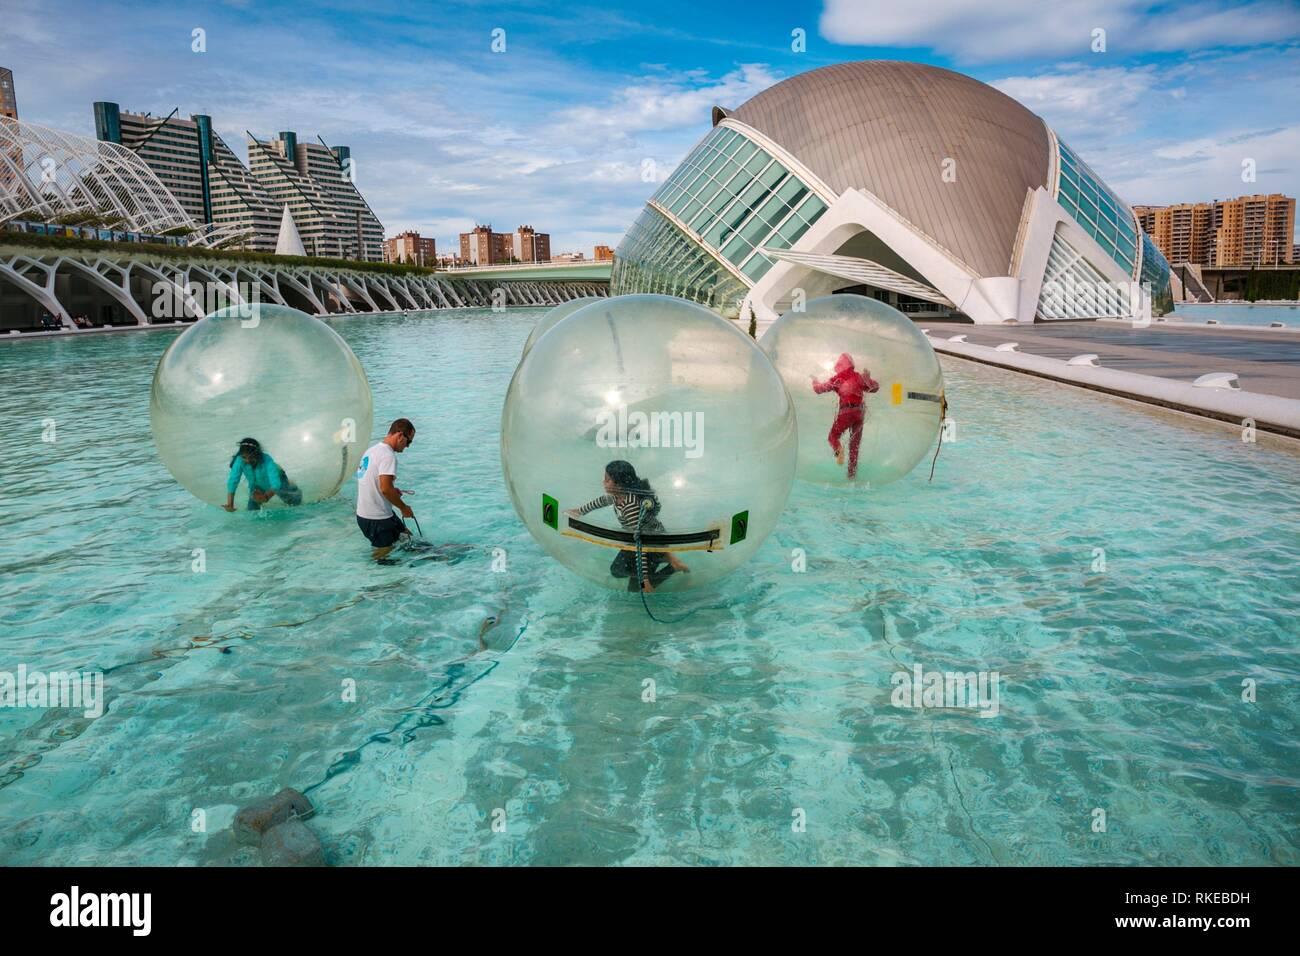 Hemisférico. Ciudad de las Artes y las Ciencias. El arquitecto Santiago Calatrava. Valencia. Comunidad Valencia. España. Europa. Imagen De Stock